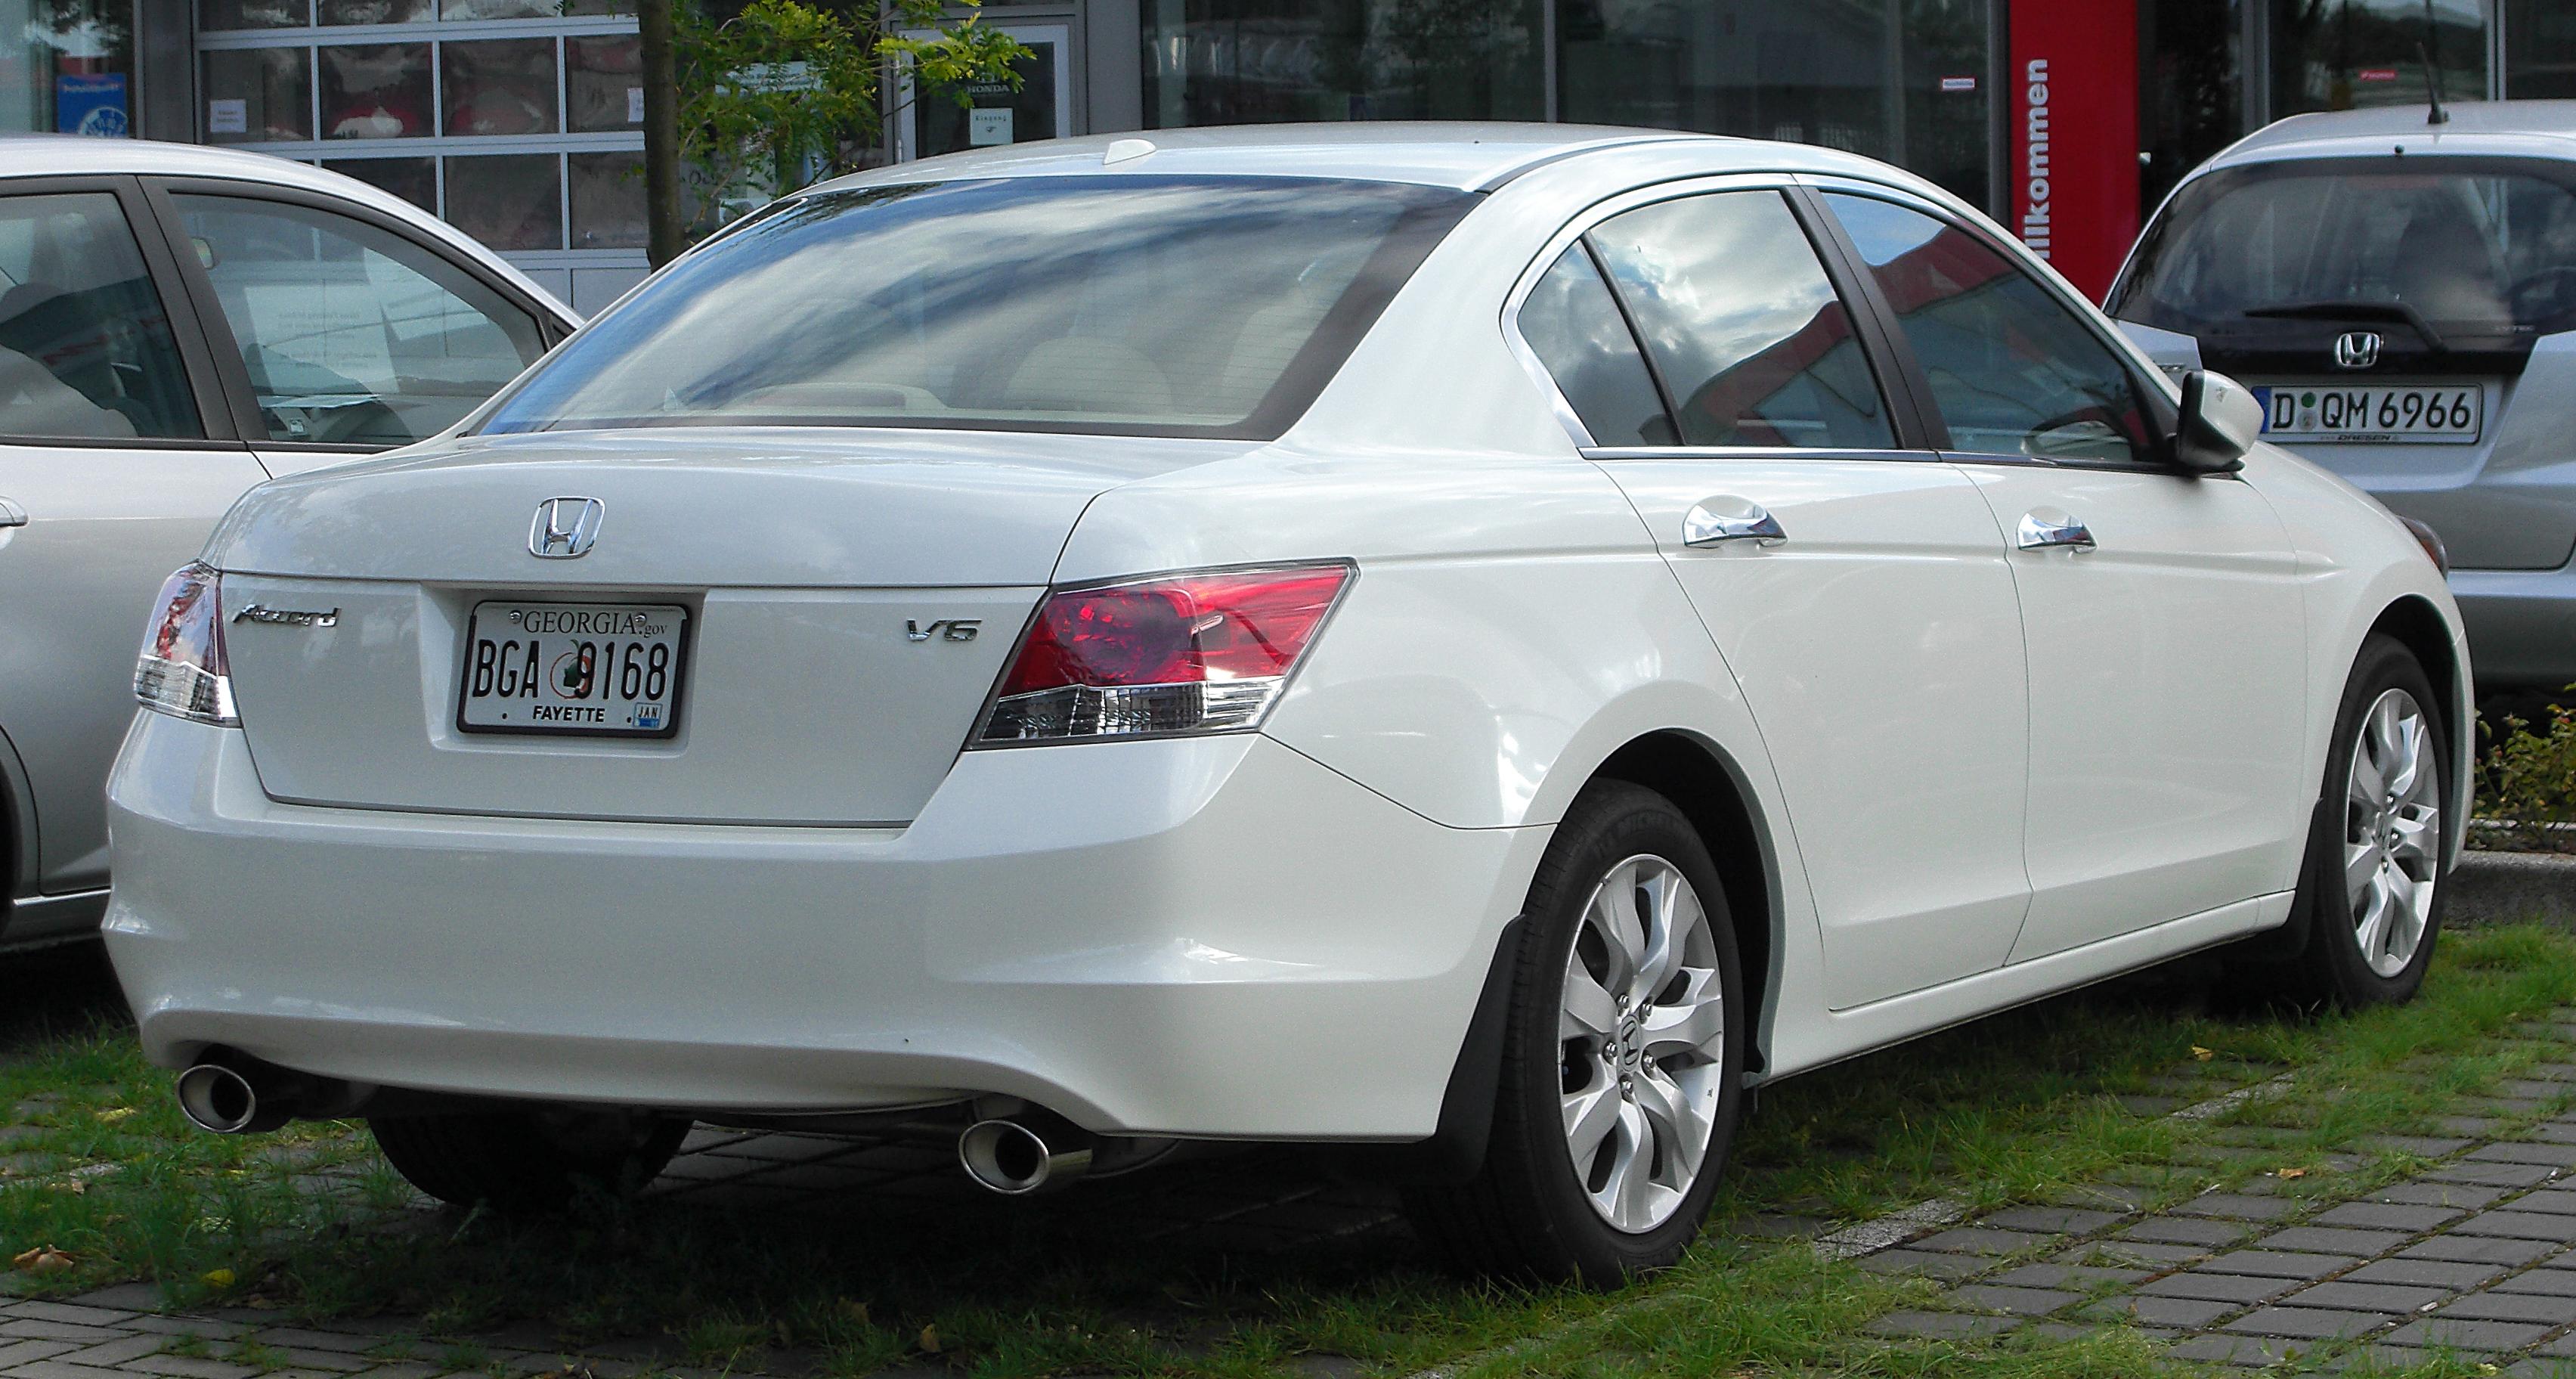 2010 Honda Accord Image 14